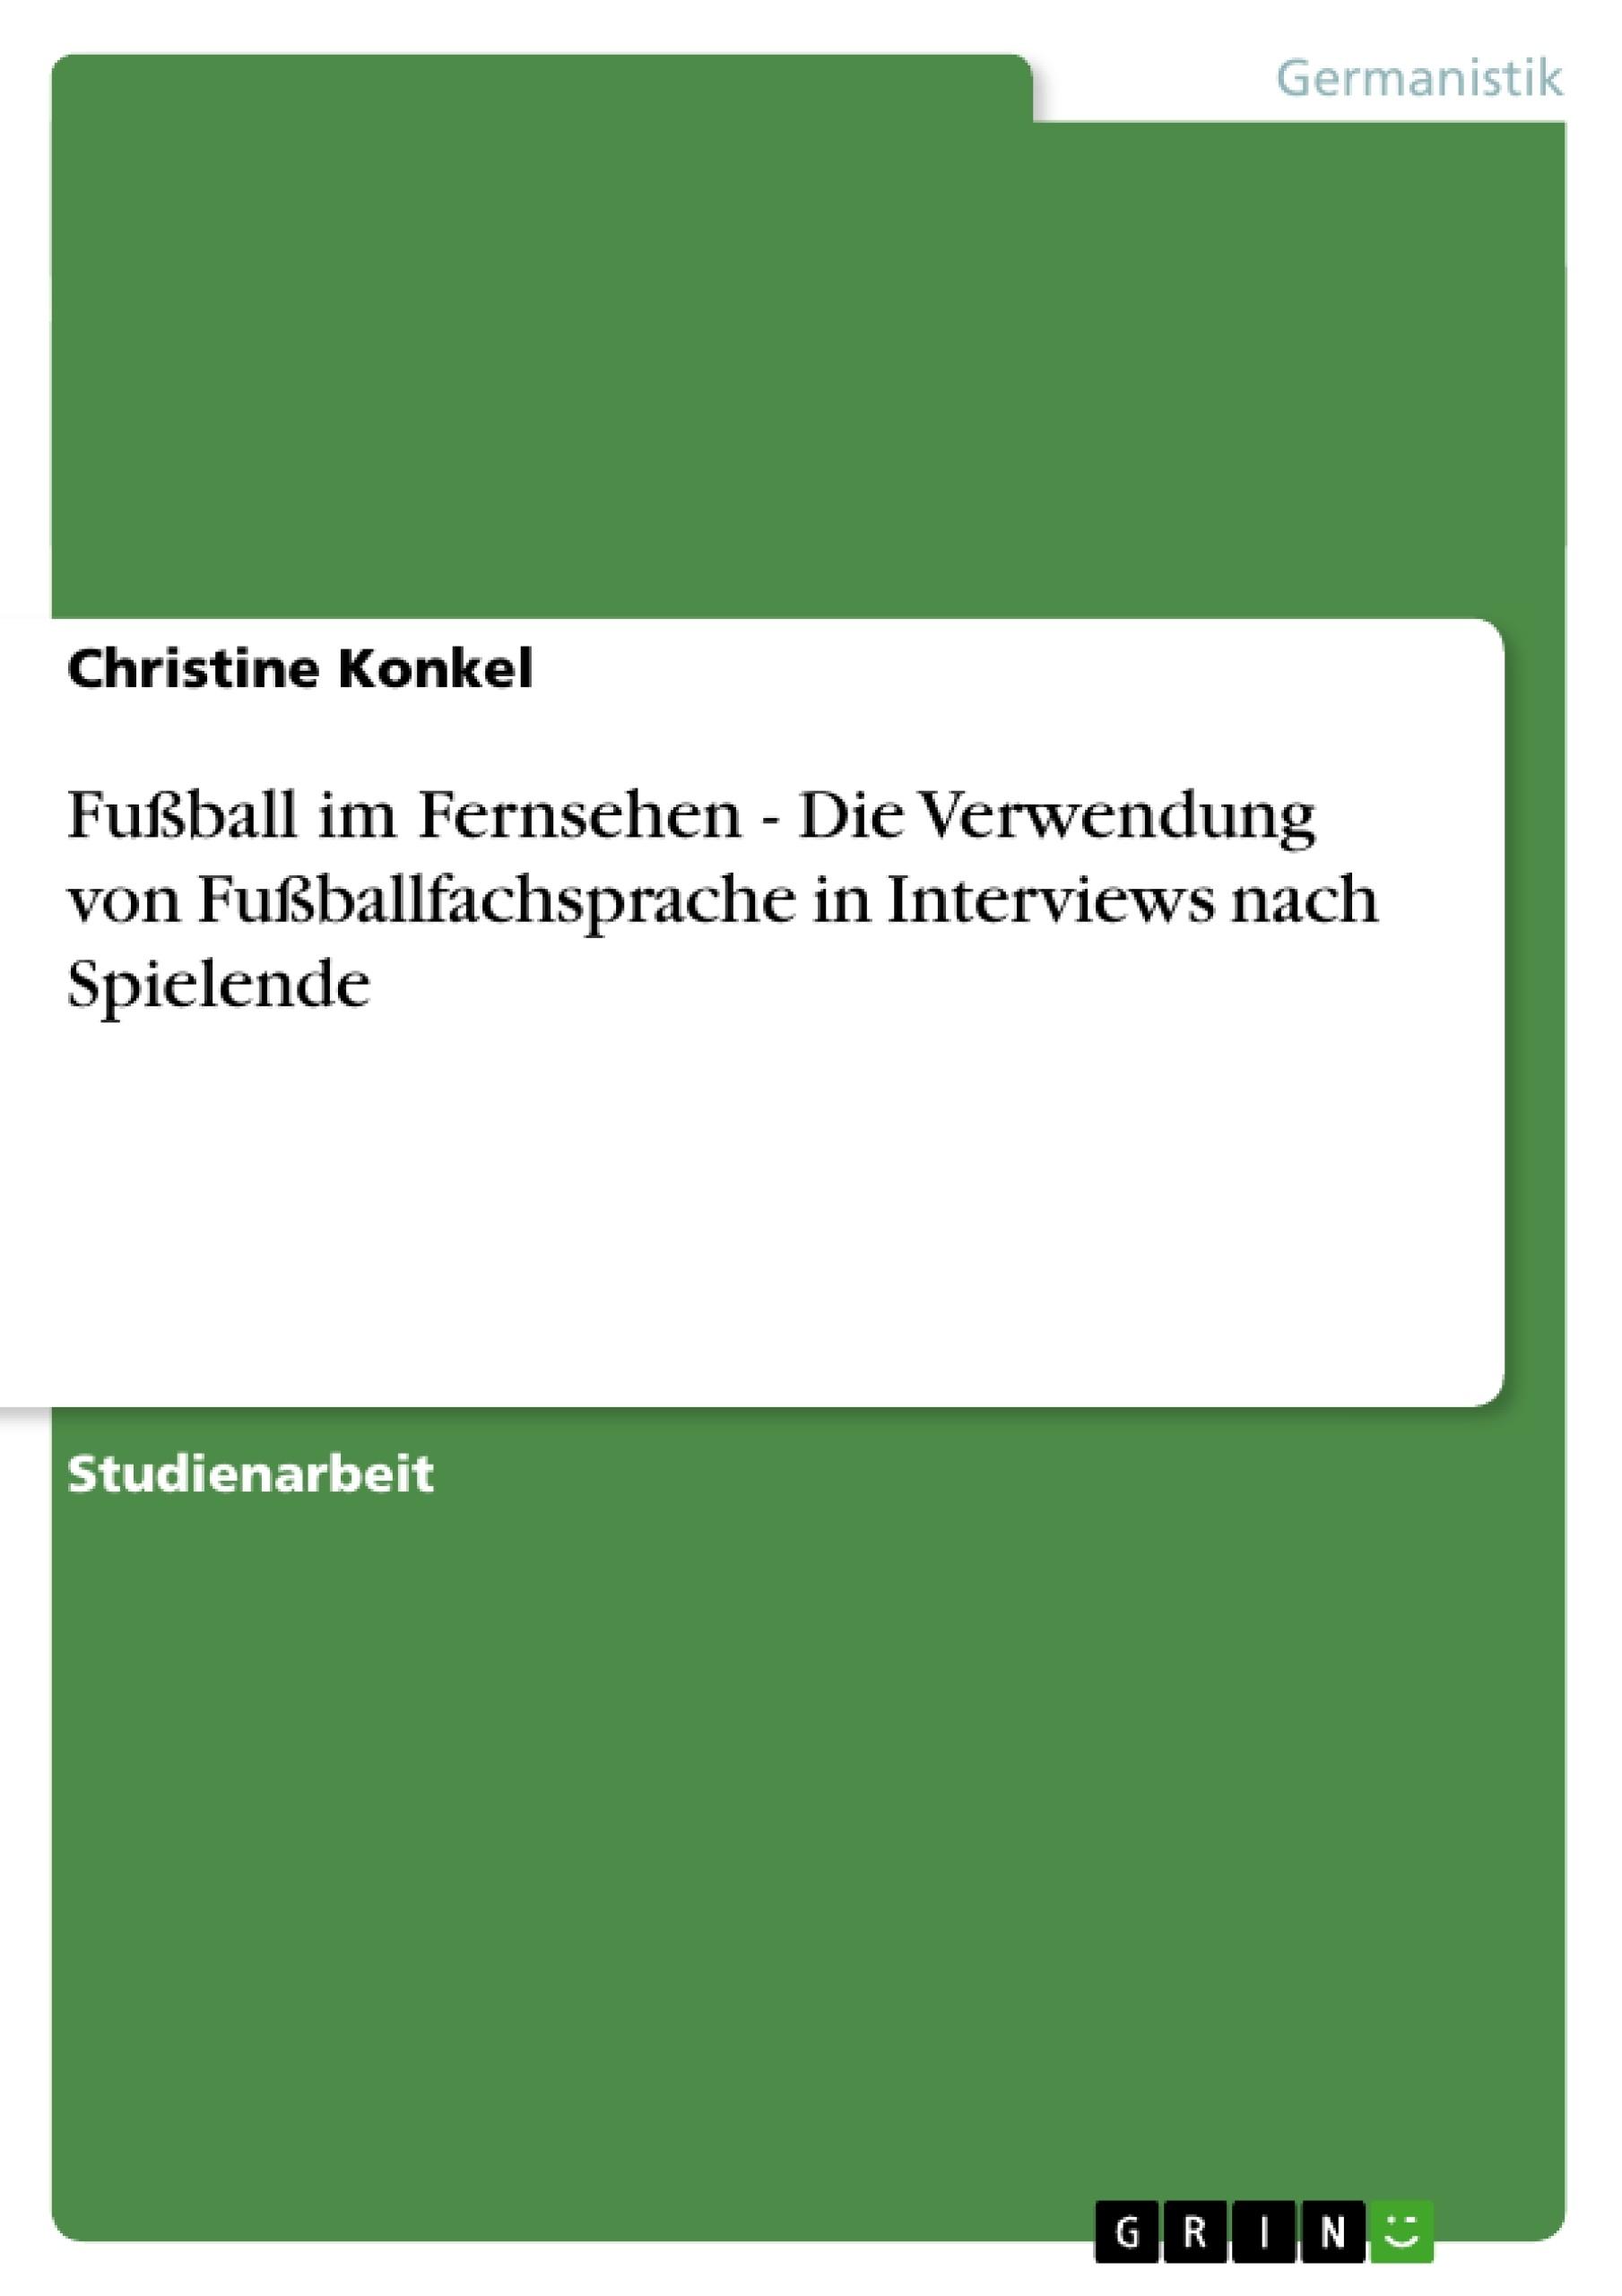 Titel: Fußball im Fernsehen - Die Verwendung von Fußballfachsprache in Interviews nach Spielende